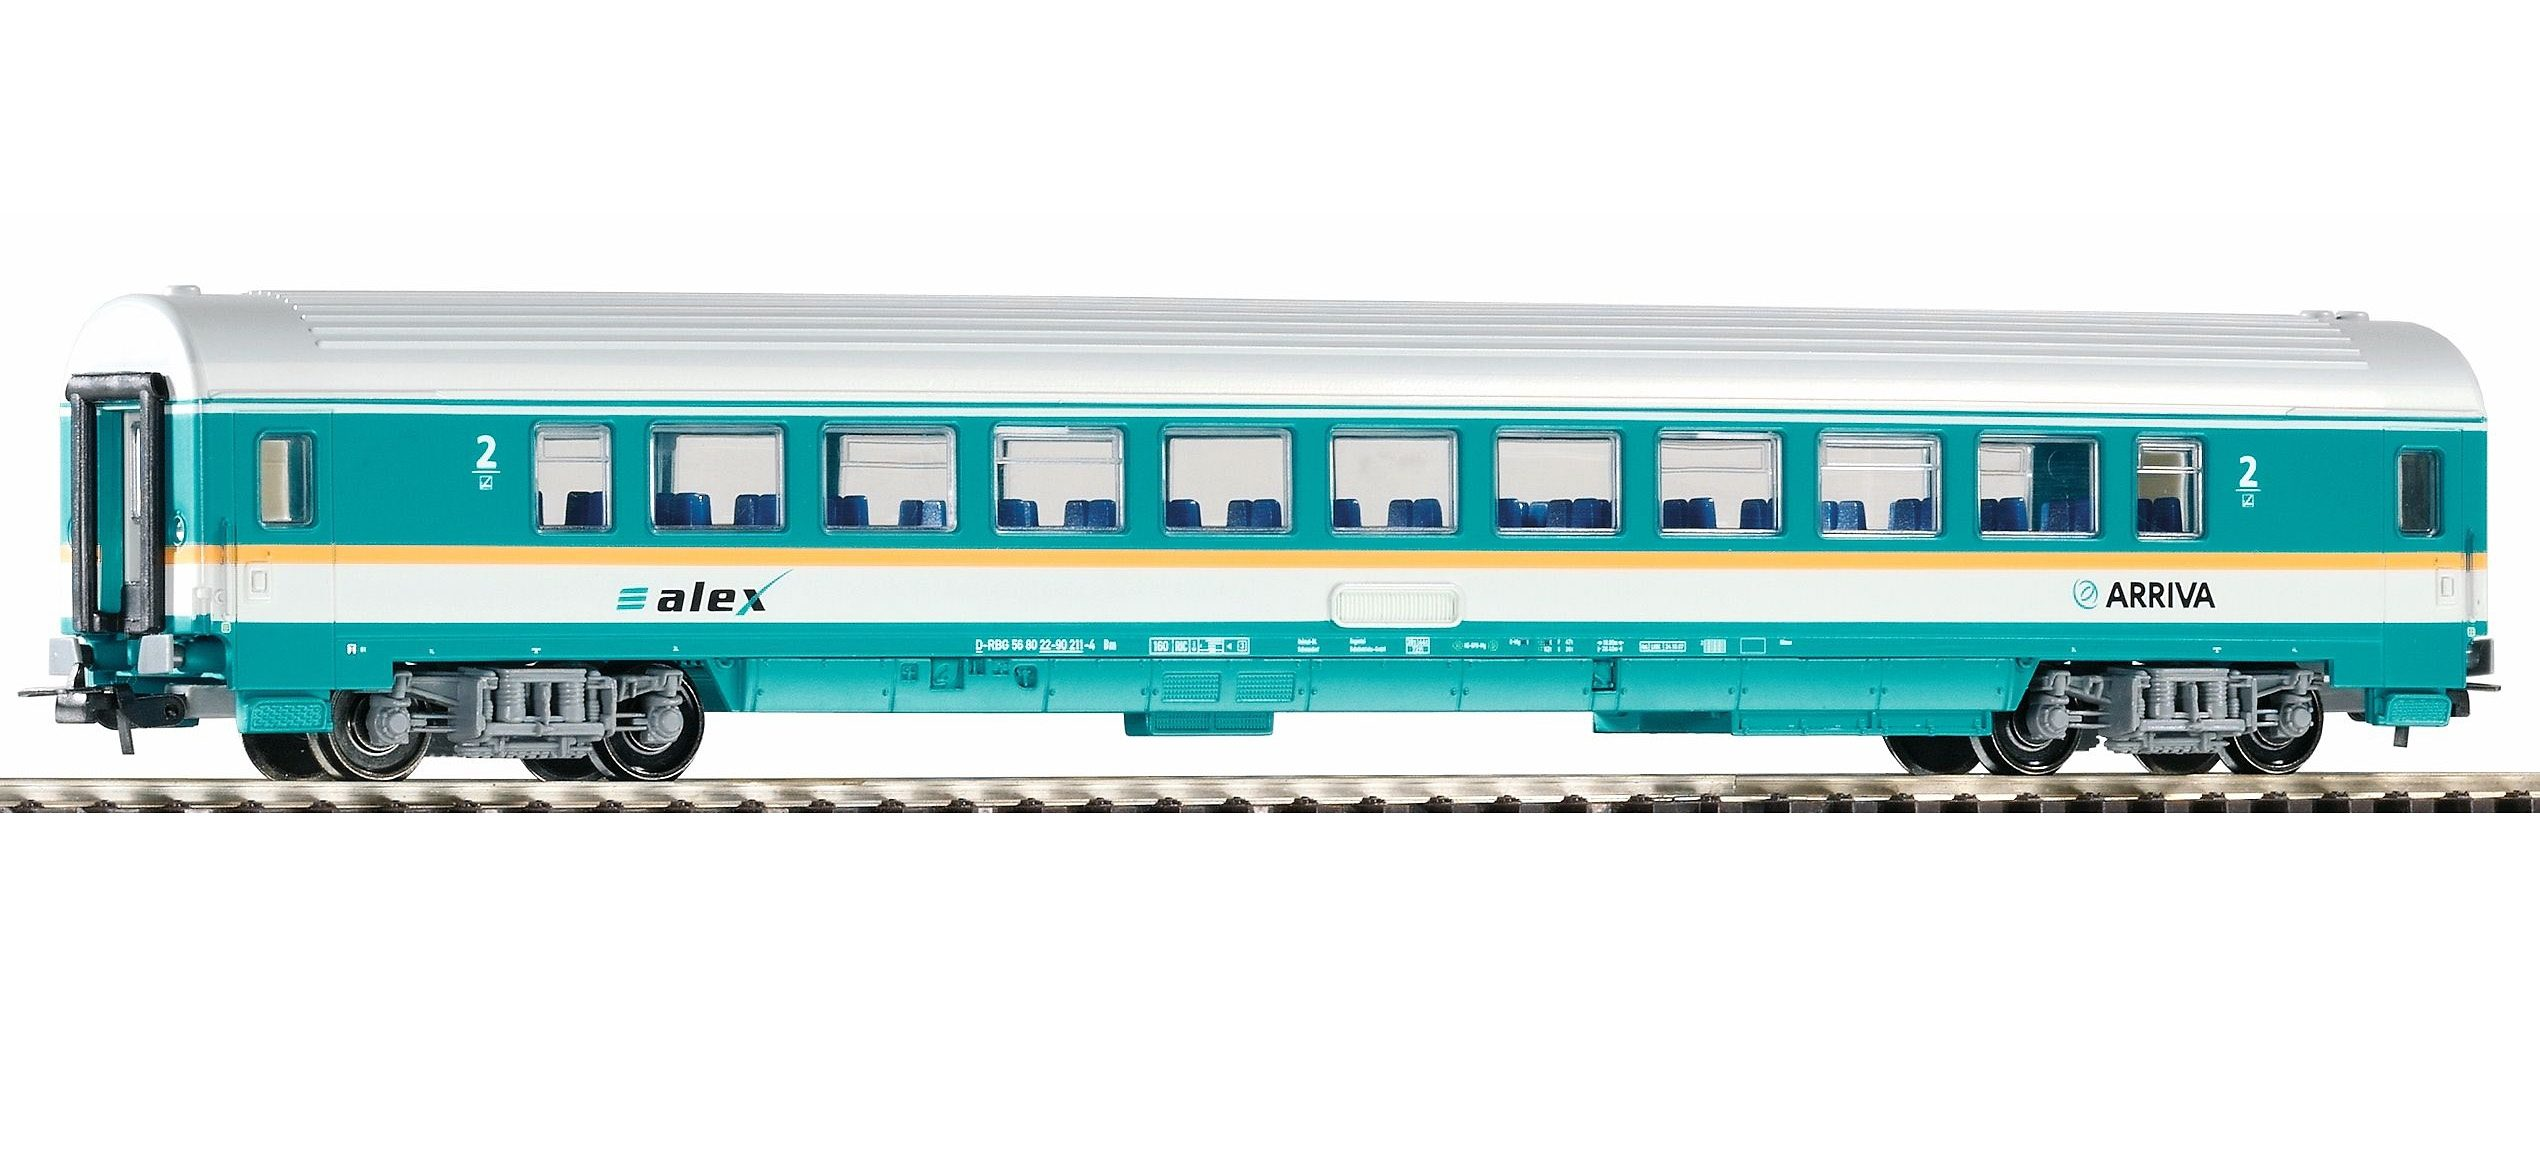 """PIKO Personenwagen """"Waggon Arriva 2 Klasse"""" Spur H0 Kindermode/Spielzeug/Autos, Eisenbahn & Modellbau/Modelleisenbahnen/Loks & Wägen"""